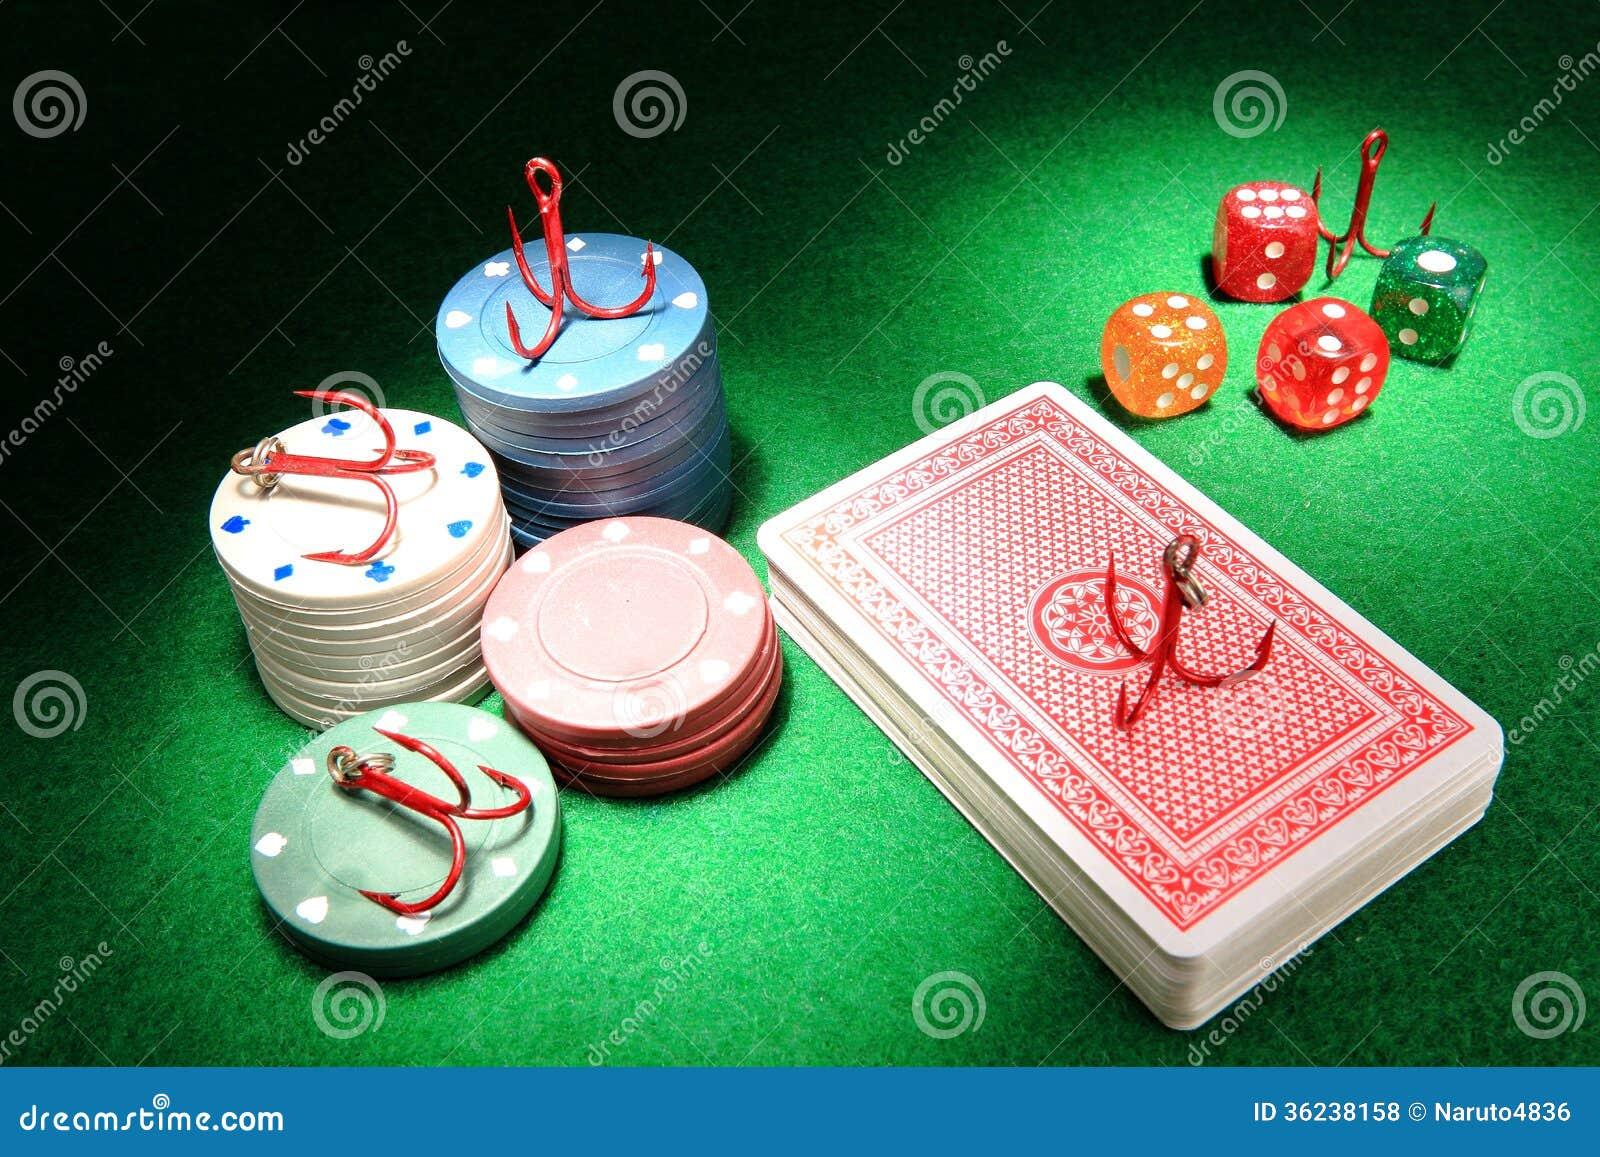 Uprawiać hazard nałóg